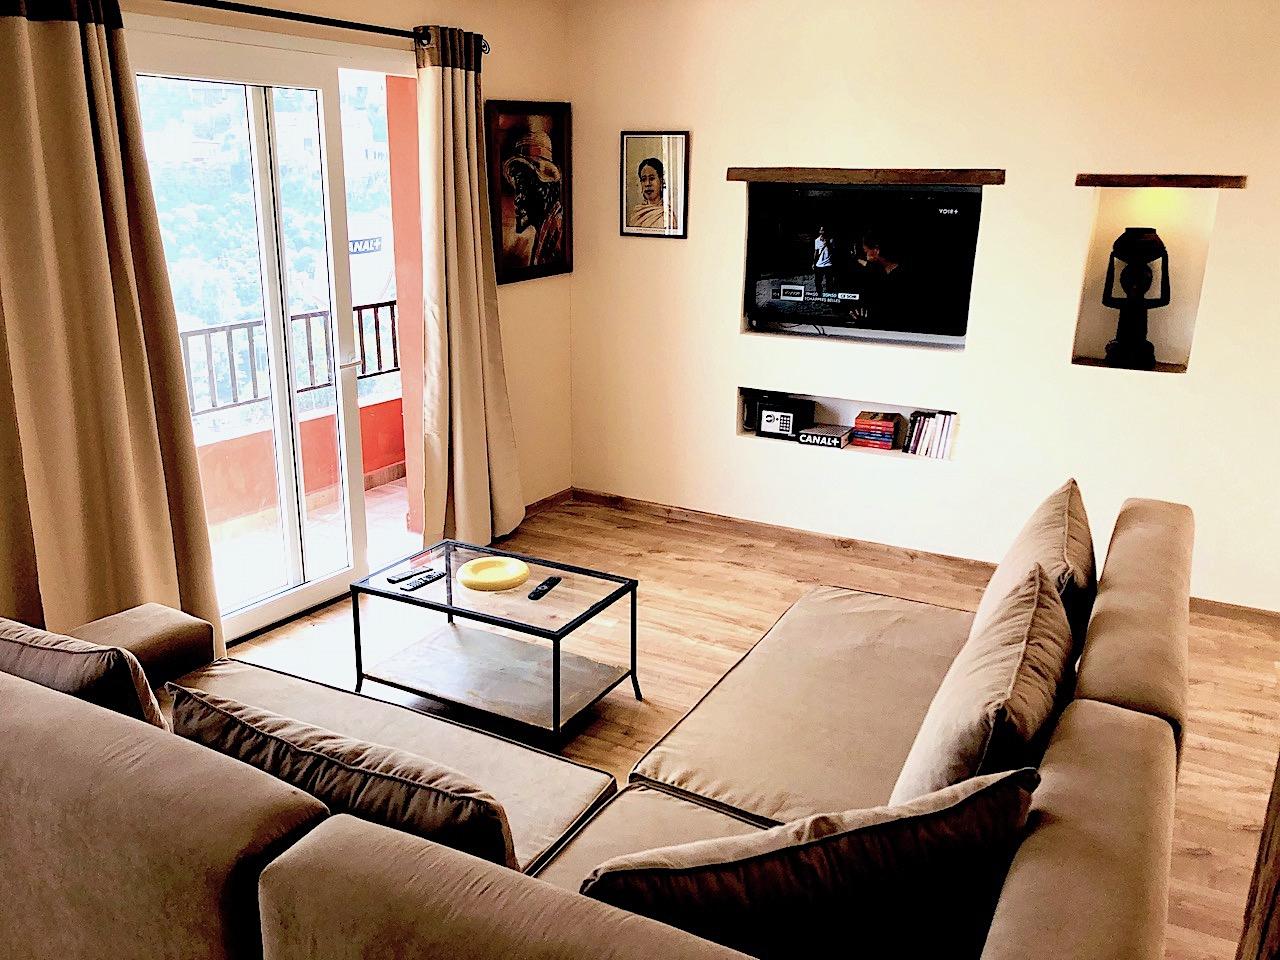 Studio meublé à louer à Antananarivo - Madagascar - Nofylou 2 - 8